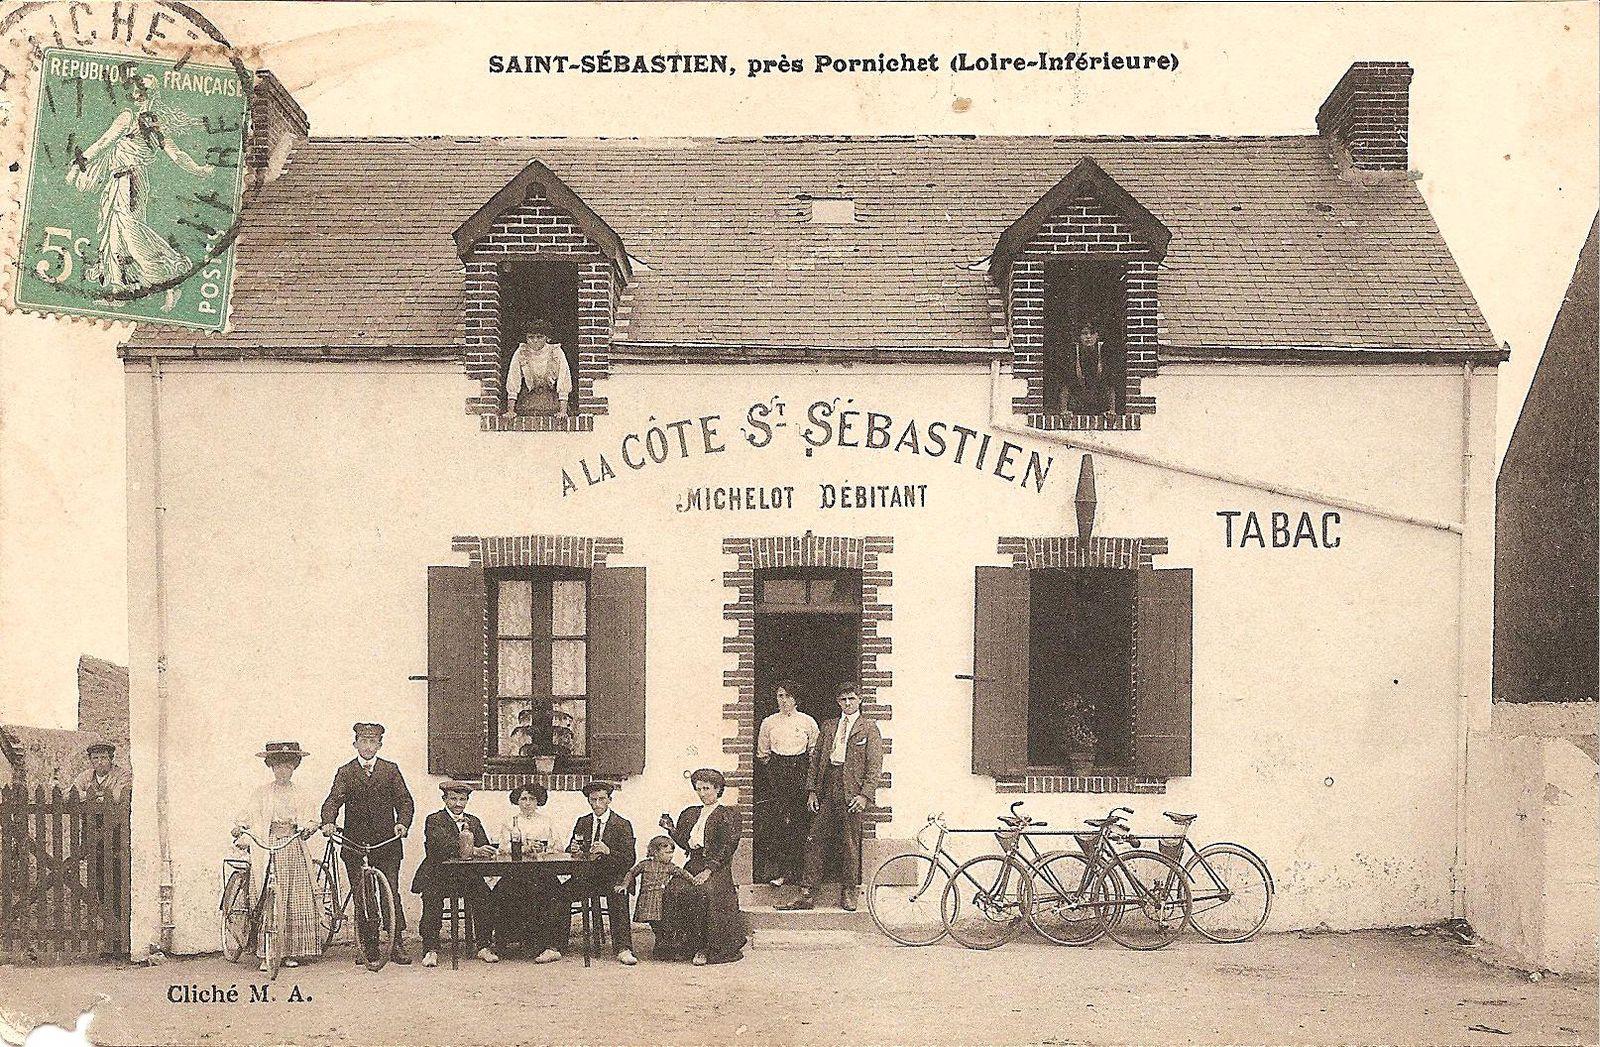 Heureusement pour se désaltérer, après avoir gravi péniblement la Côte de Saint-Sébastien, on peut faire une petite halte à la buvette bien justement nommée...